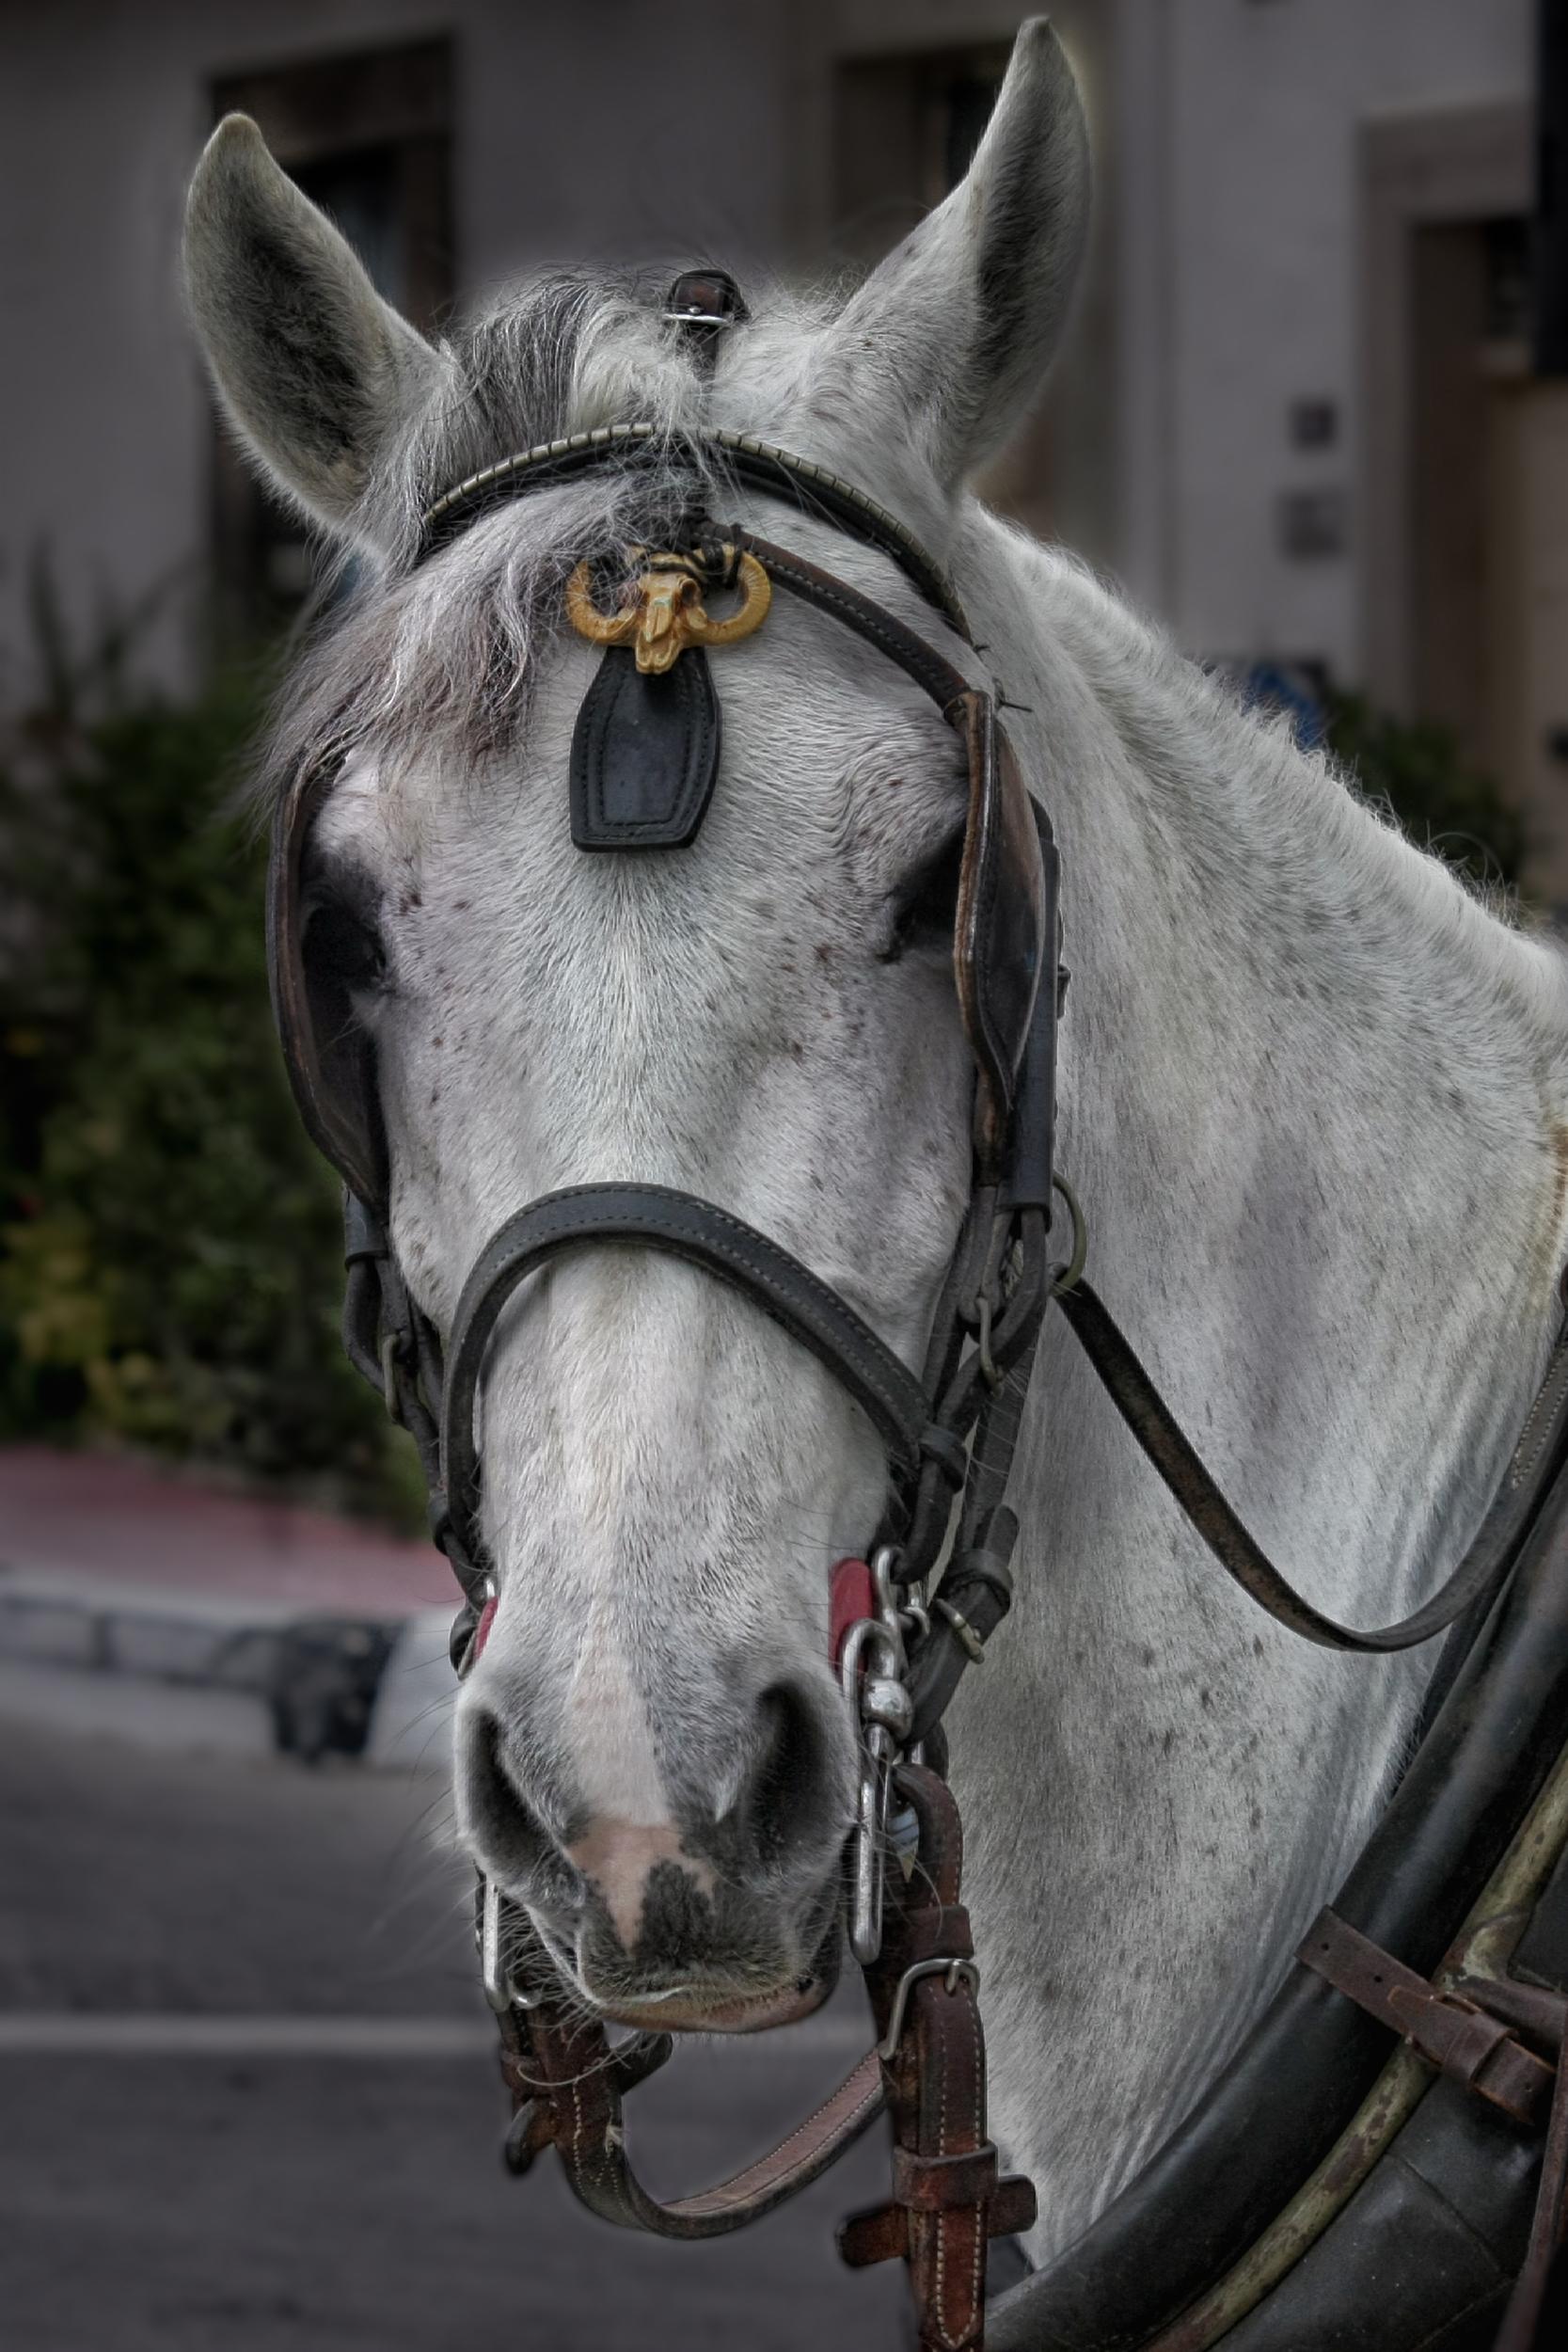 Schone Pferdebilder Kostenlos Downloaden Mjpics Fotografie